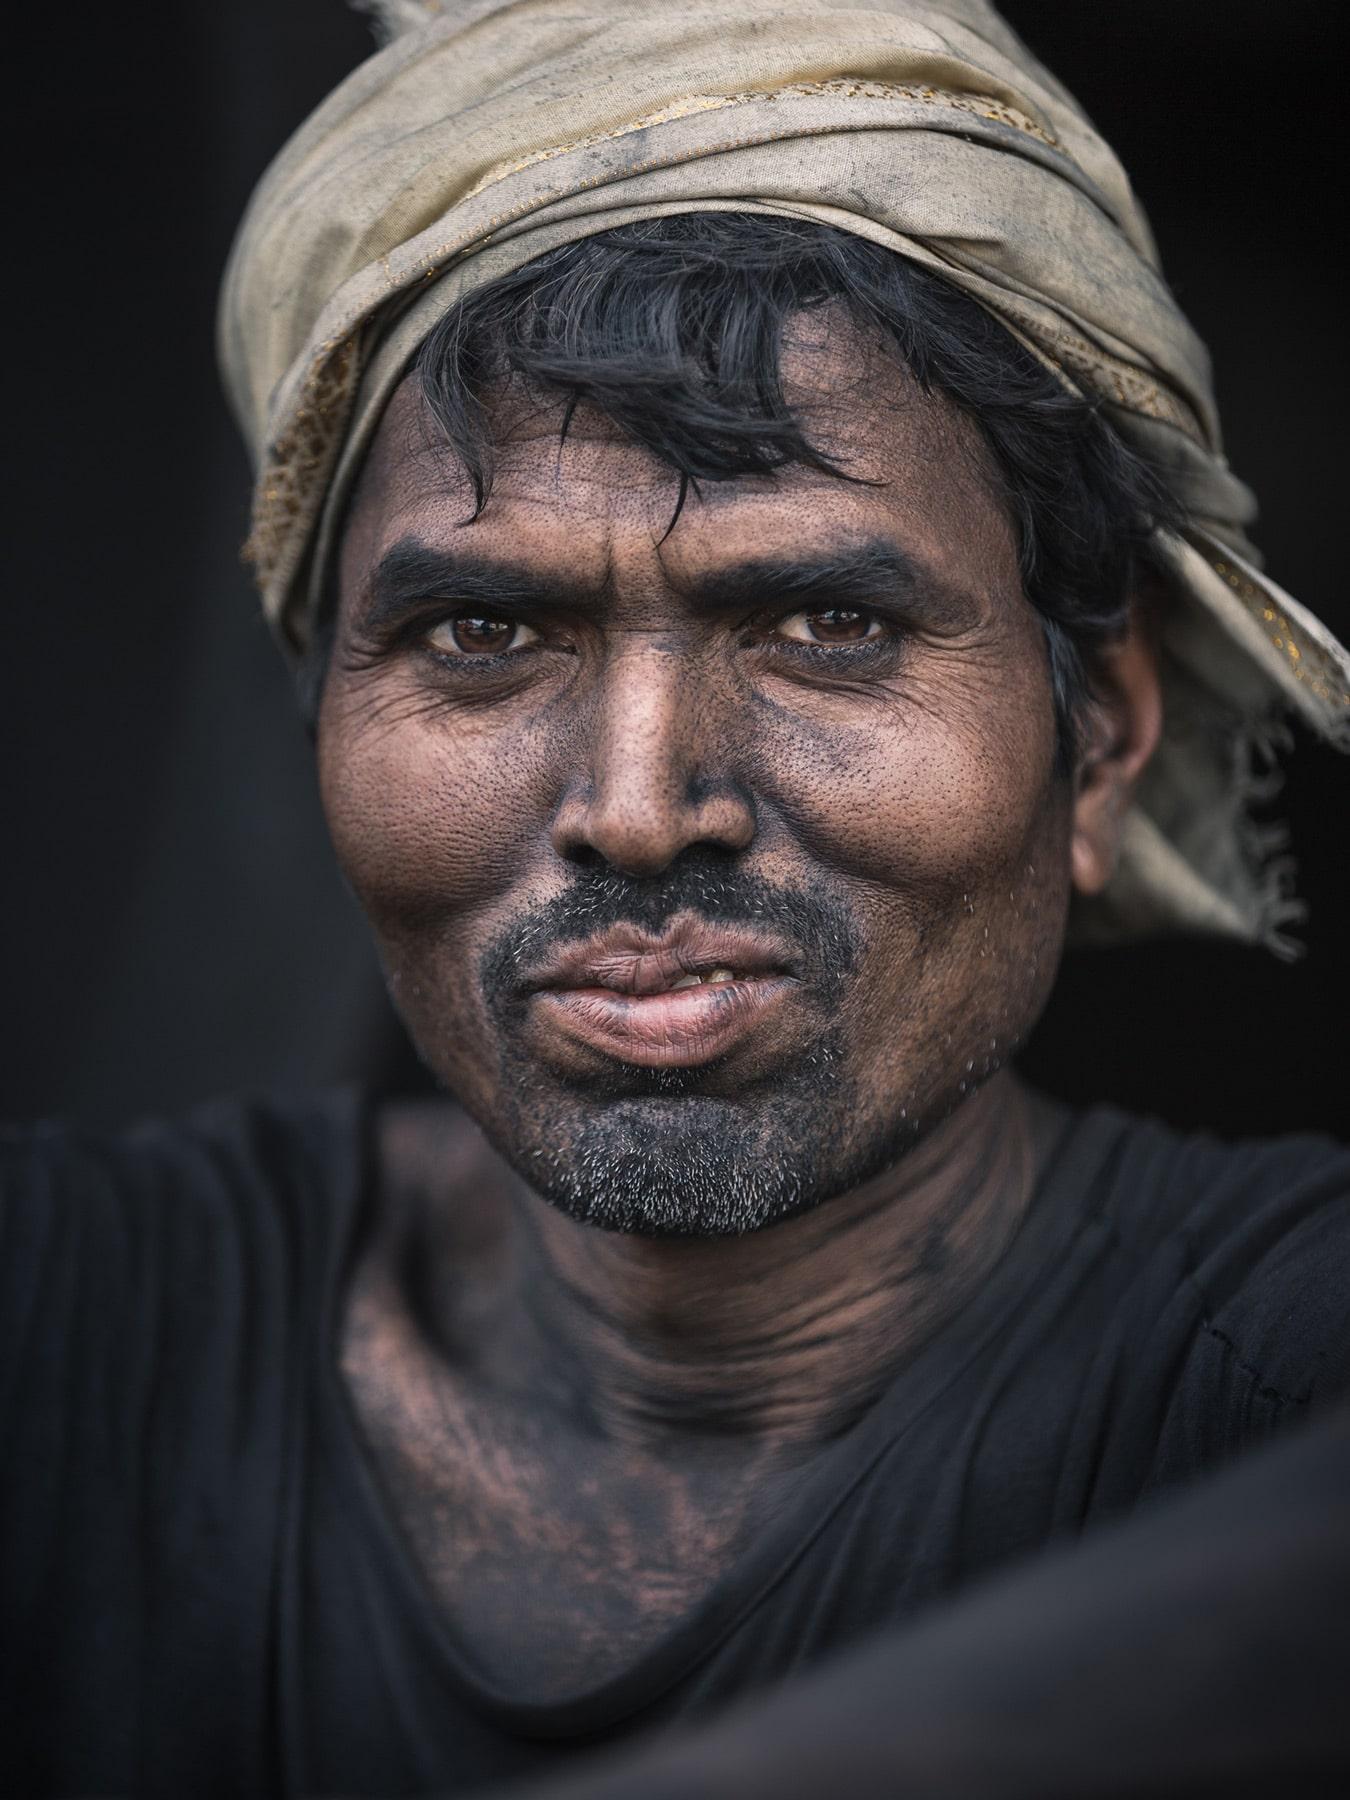 Portrait von indischen Kohlearbeitern Copyright © by Gerry Pacher